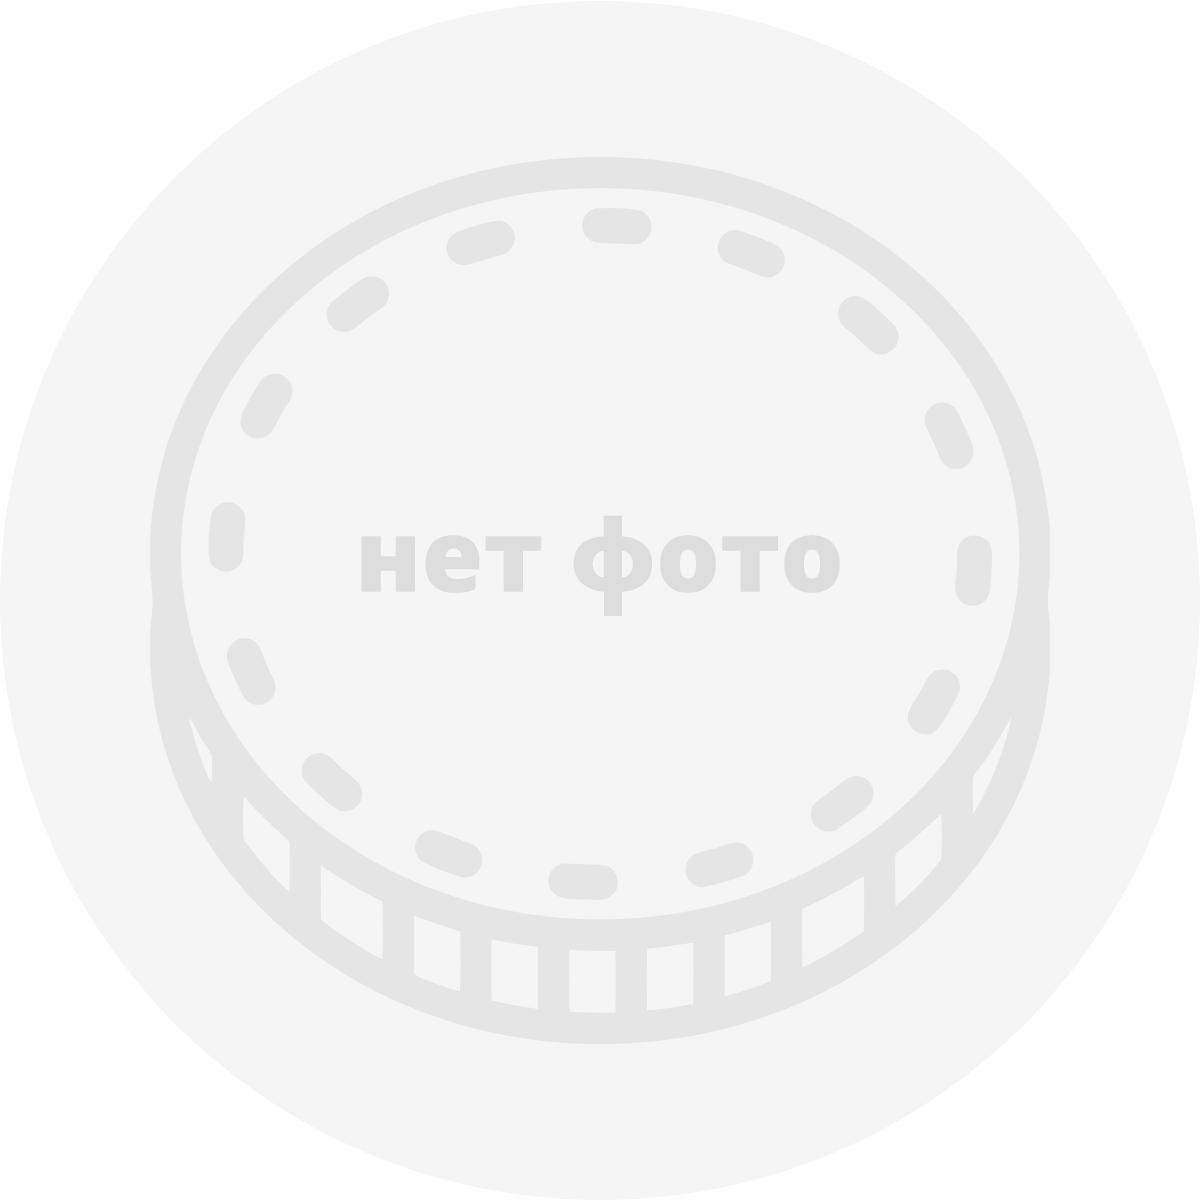 Выставка казахстанских монет и банкнот открылась на ВДНХ